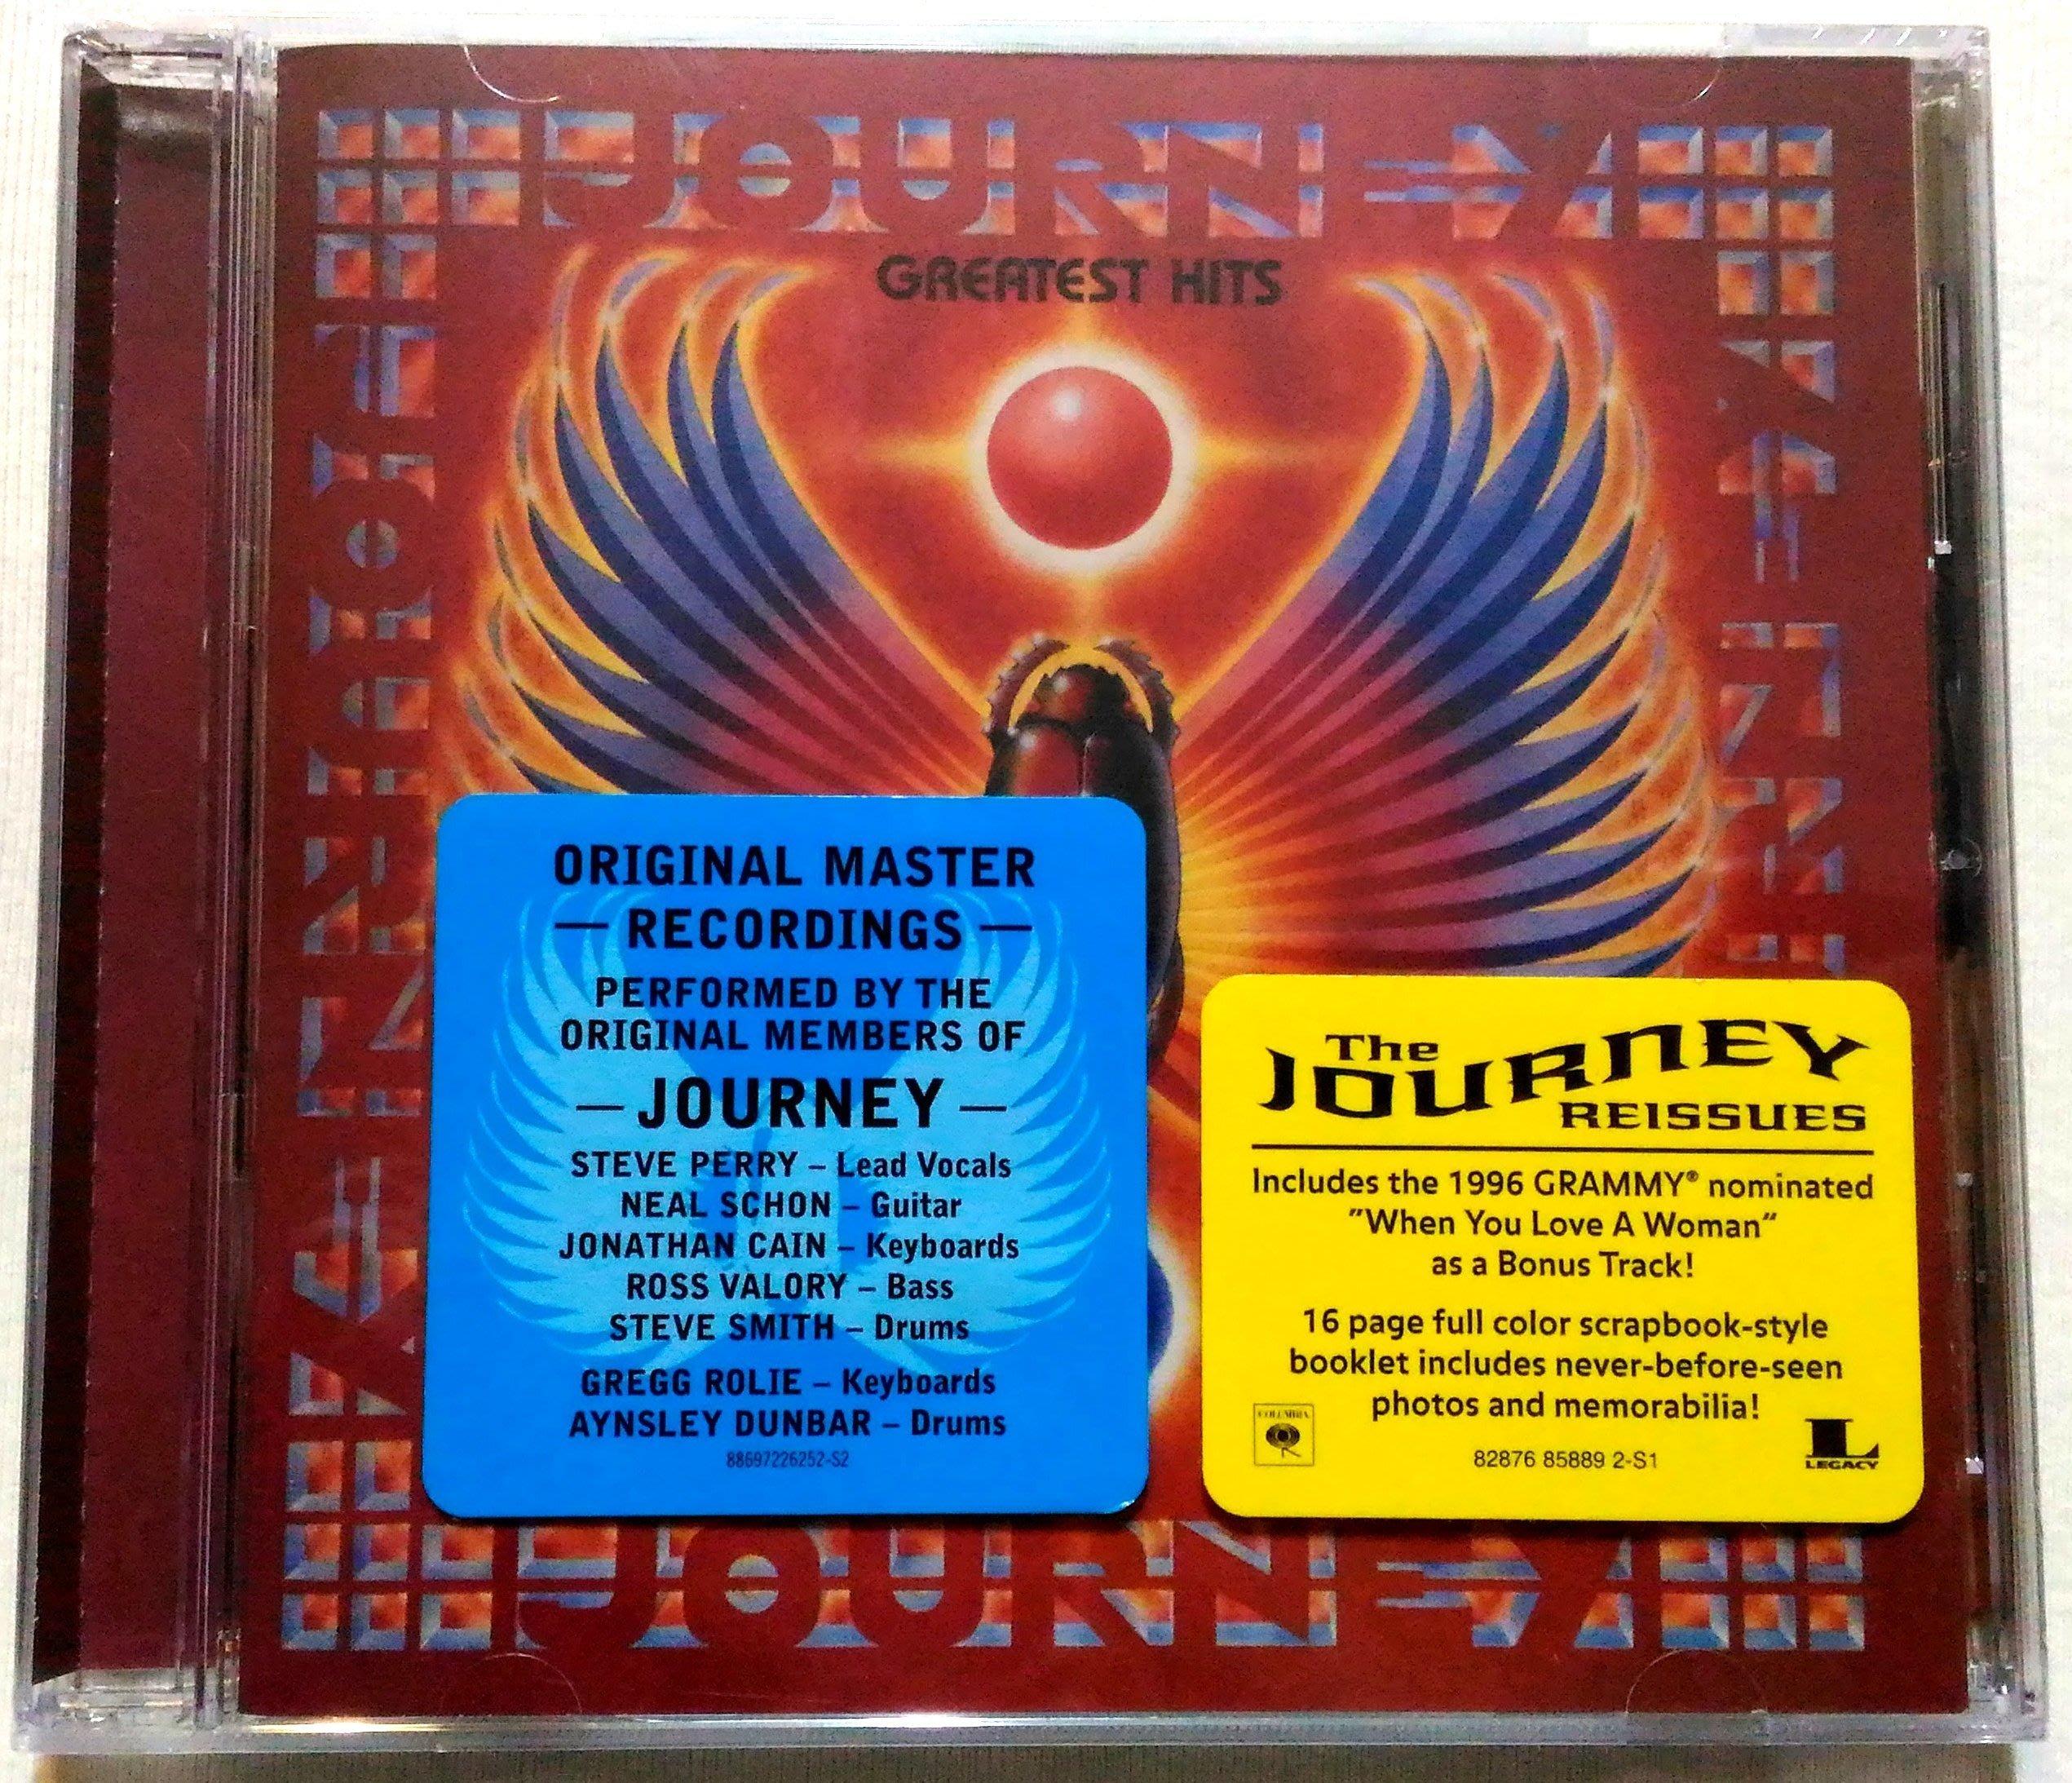 經典搖滾樂團 / 旅行者合唱團 Journey / 曠世精選 Greatest Hits / 美版(+1首) 破盤價 全新未拆